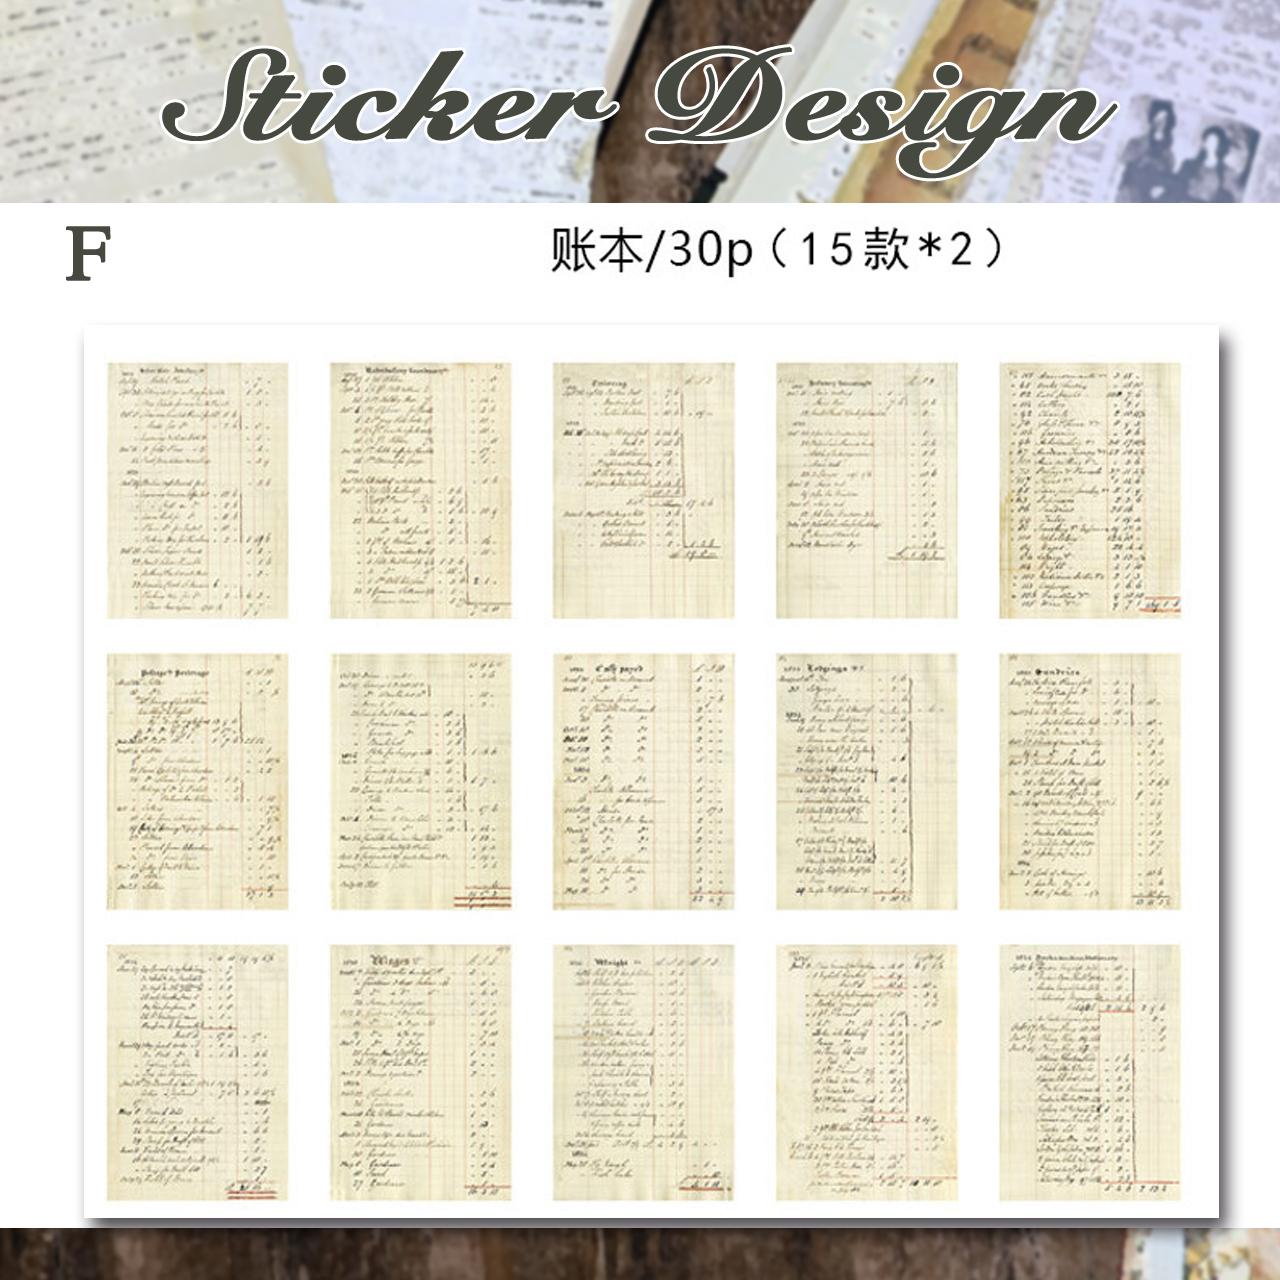 マテリアルペーパー 全8種 素材紙 レトロ 英字 世界 地図 草木 大判 紙もの デザペ 紙活 コラージュ ジャンクジャーナル スクラップブッキング G21